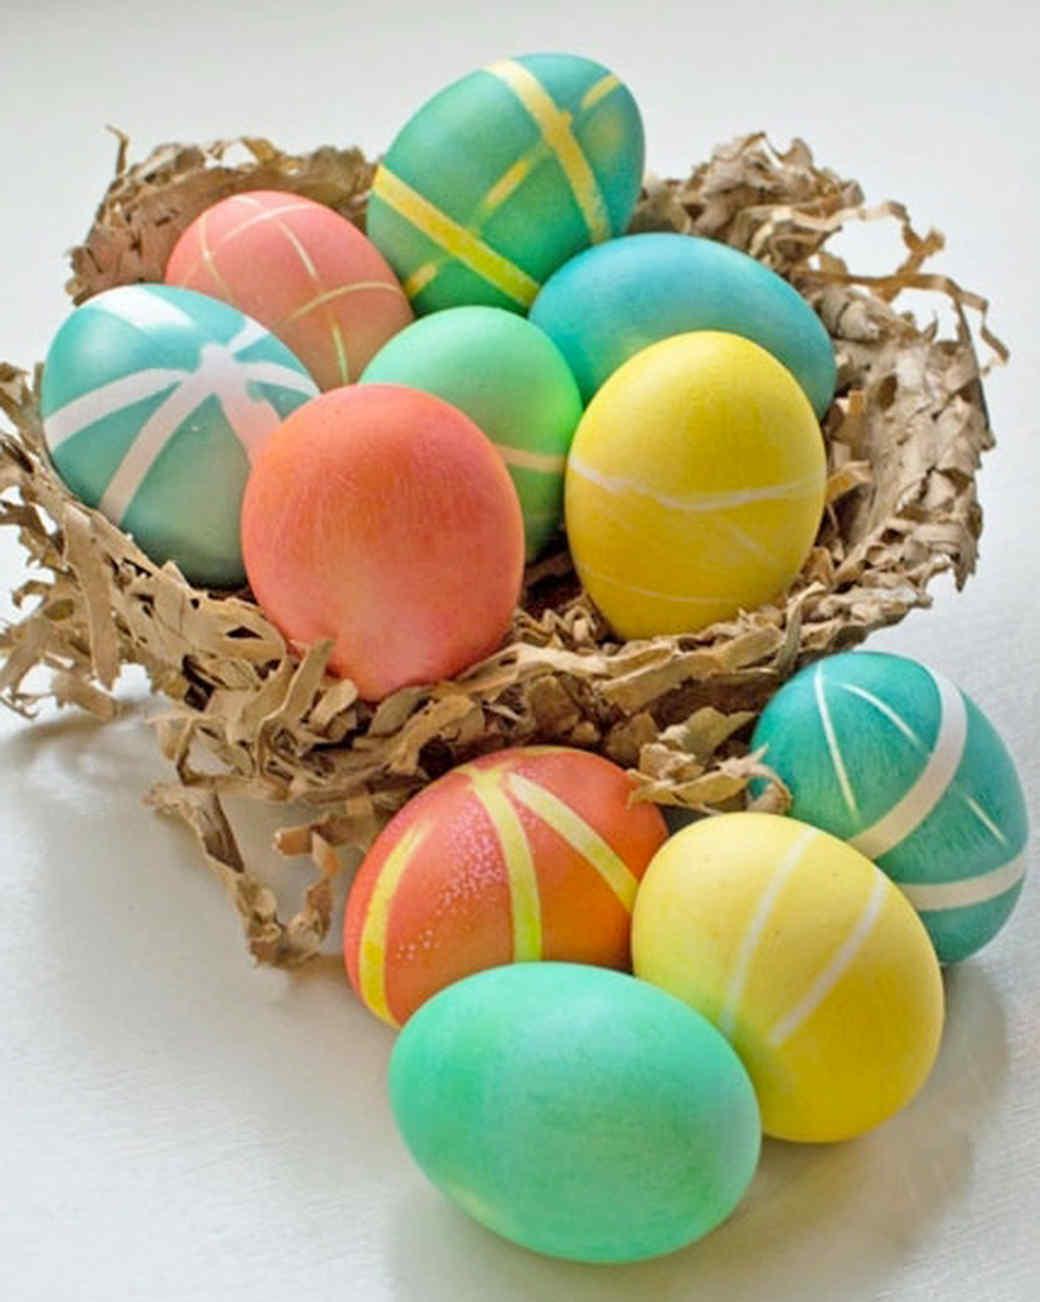 marthas-egg-hunt-sarah-krouse-0414.jpg